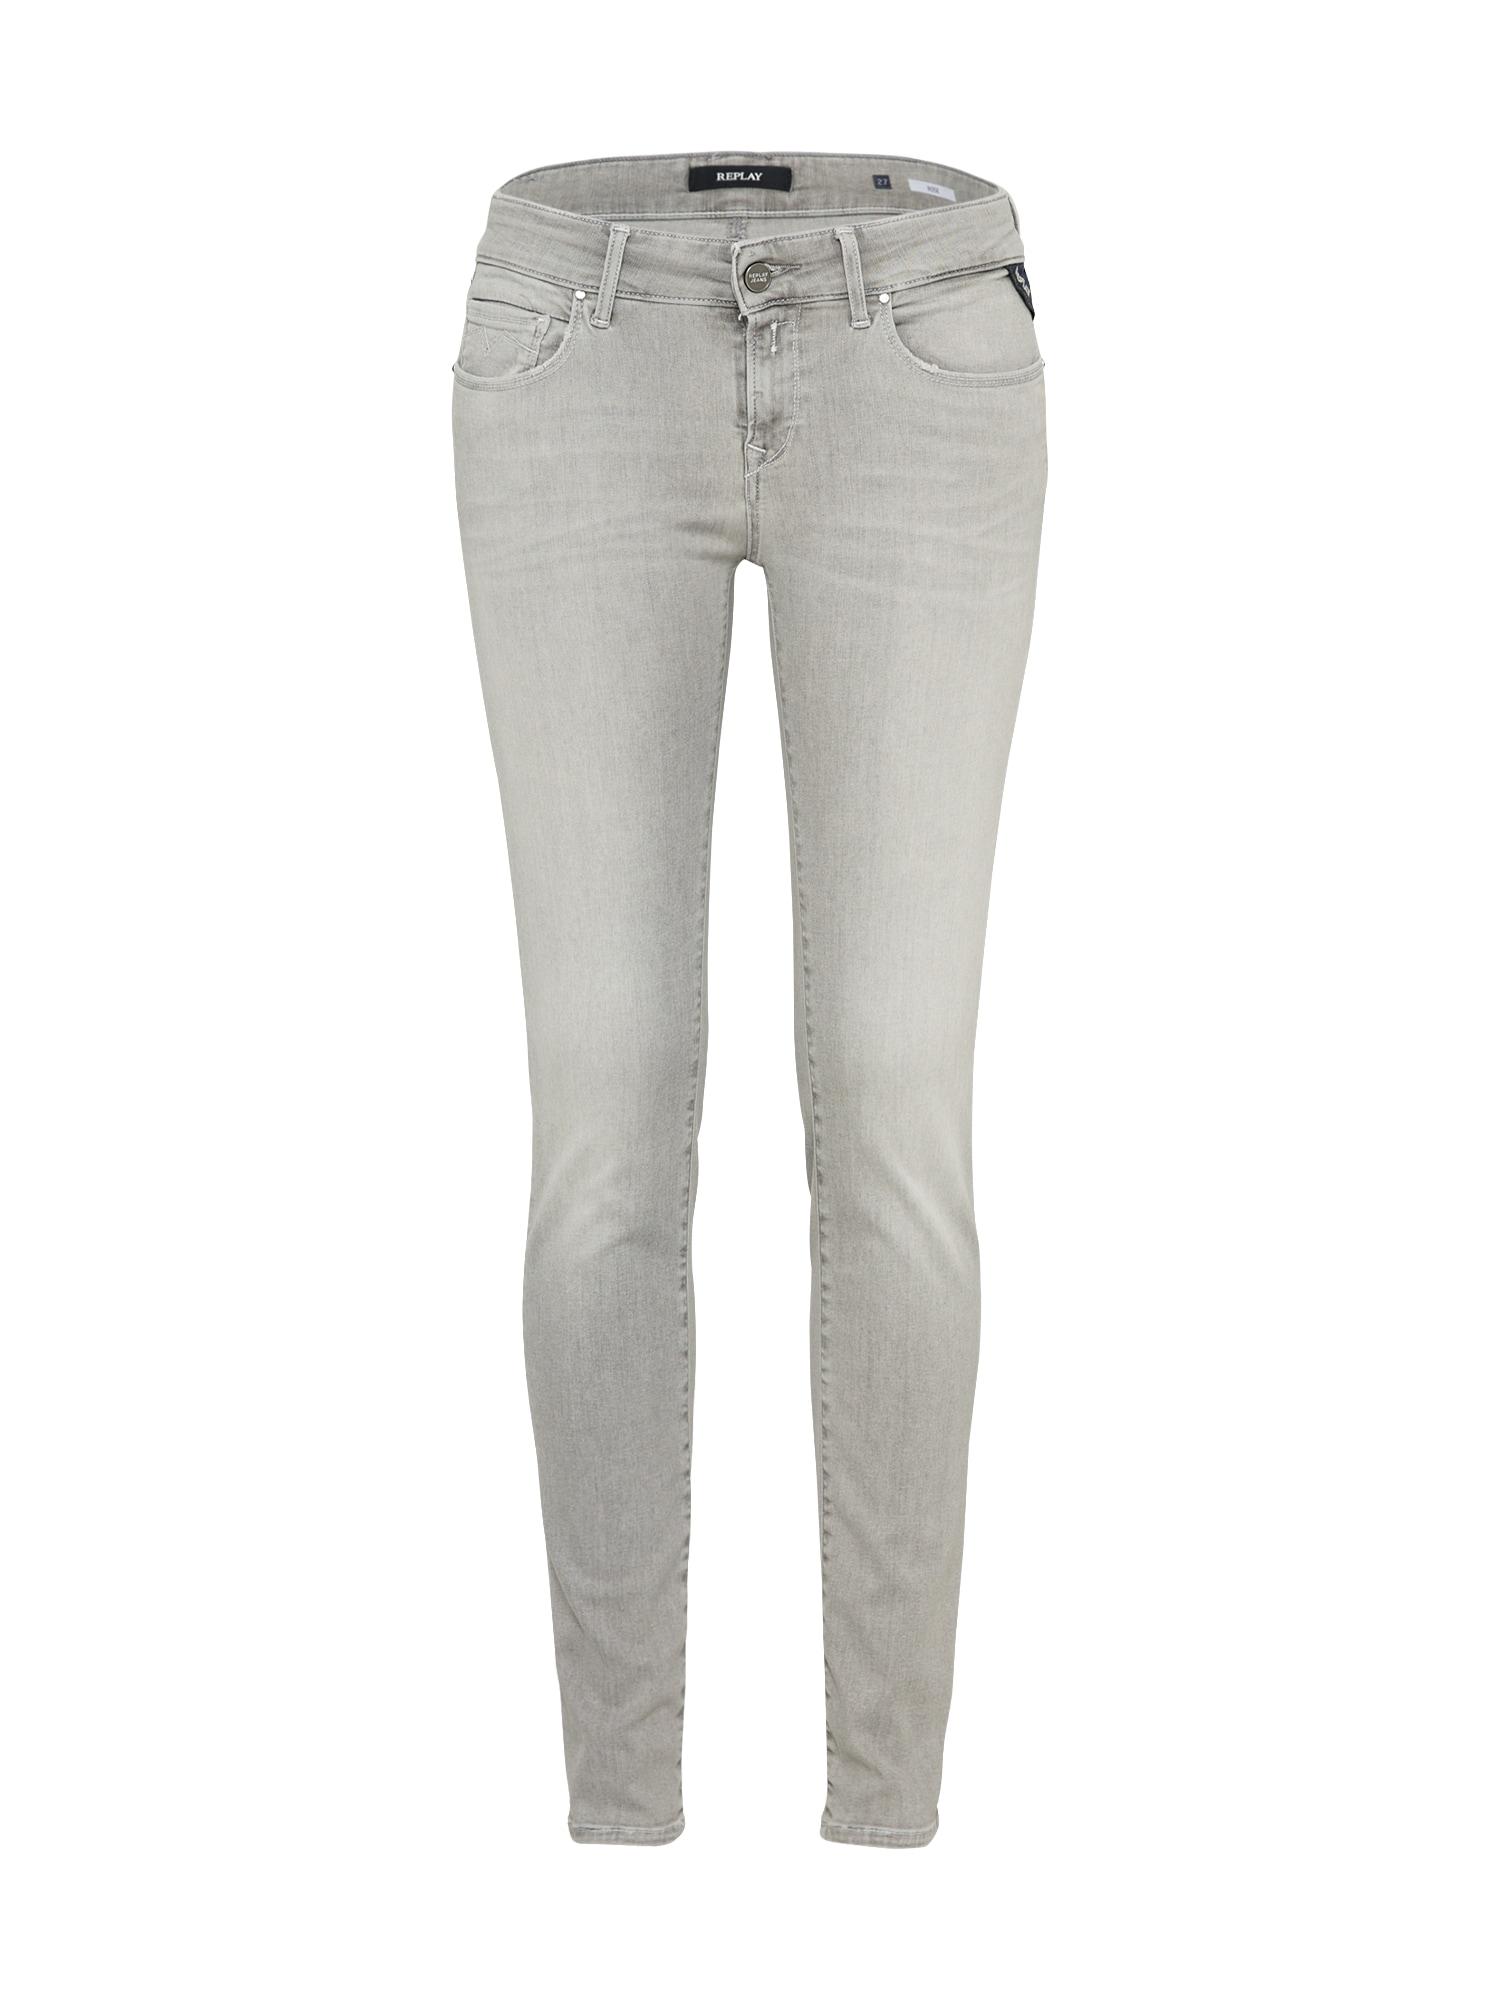 REPLAY Dames Jeans ROSE grey denim